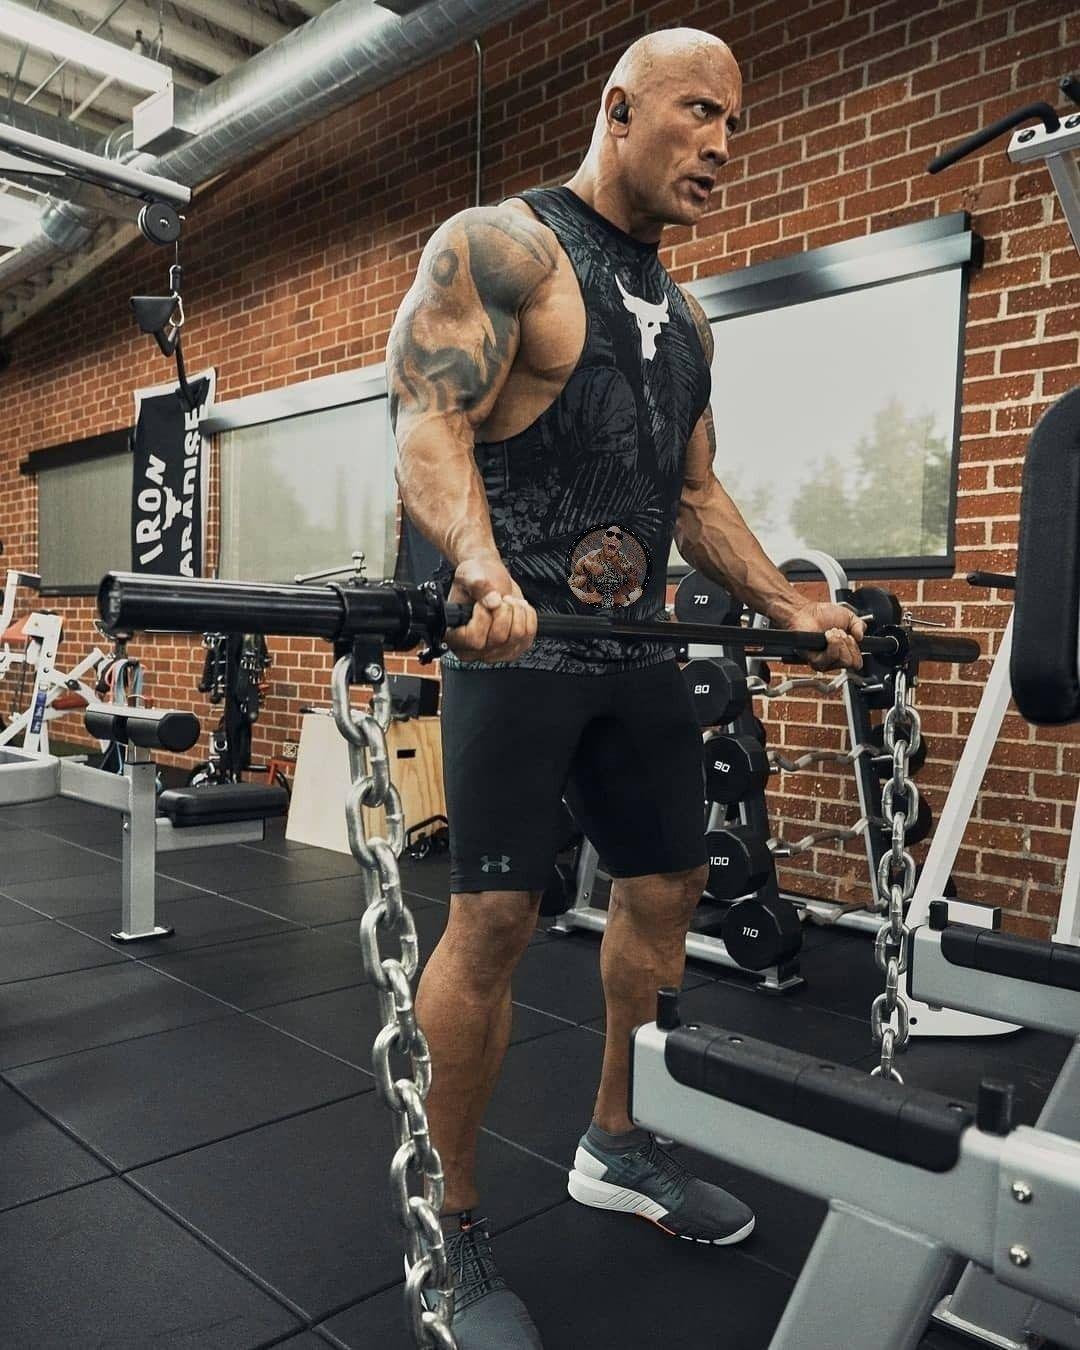 The Rock Johnson Chain Workout The Rock Dwayne Johnson Workout Rock Johnson